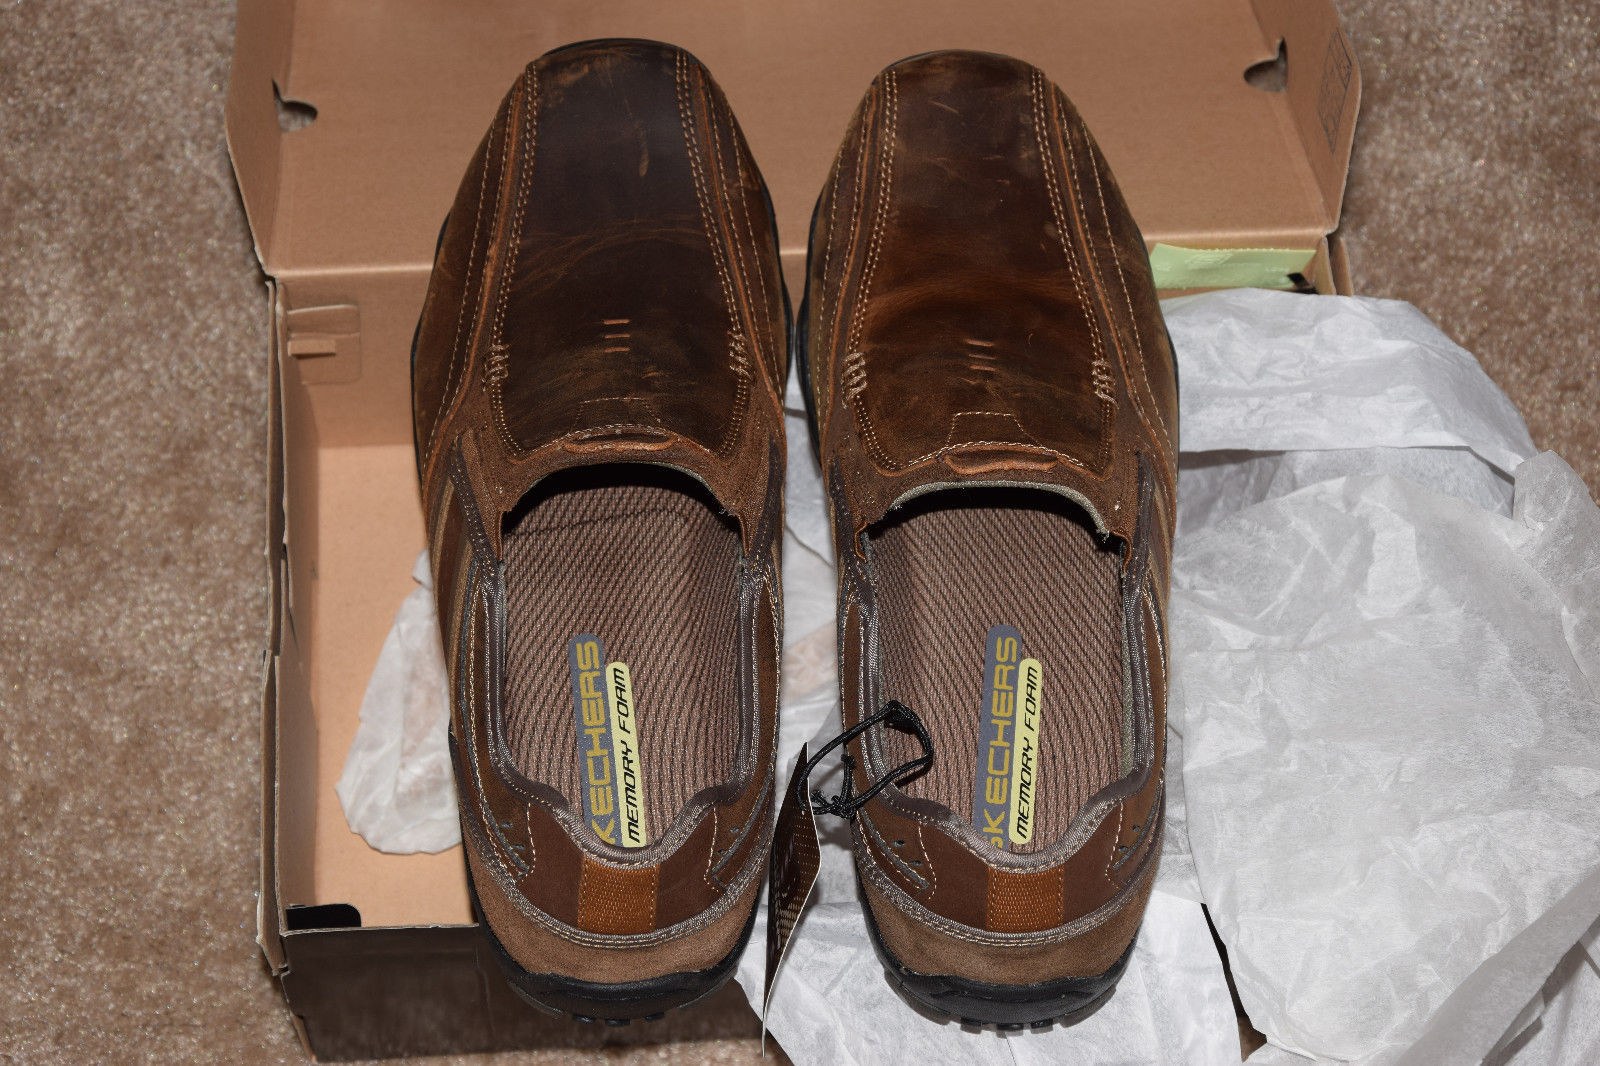 b8d481fba505 Skechers Mens Diameter-Zinroy Slip-On Loafer